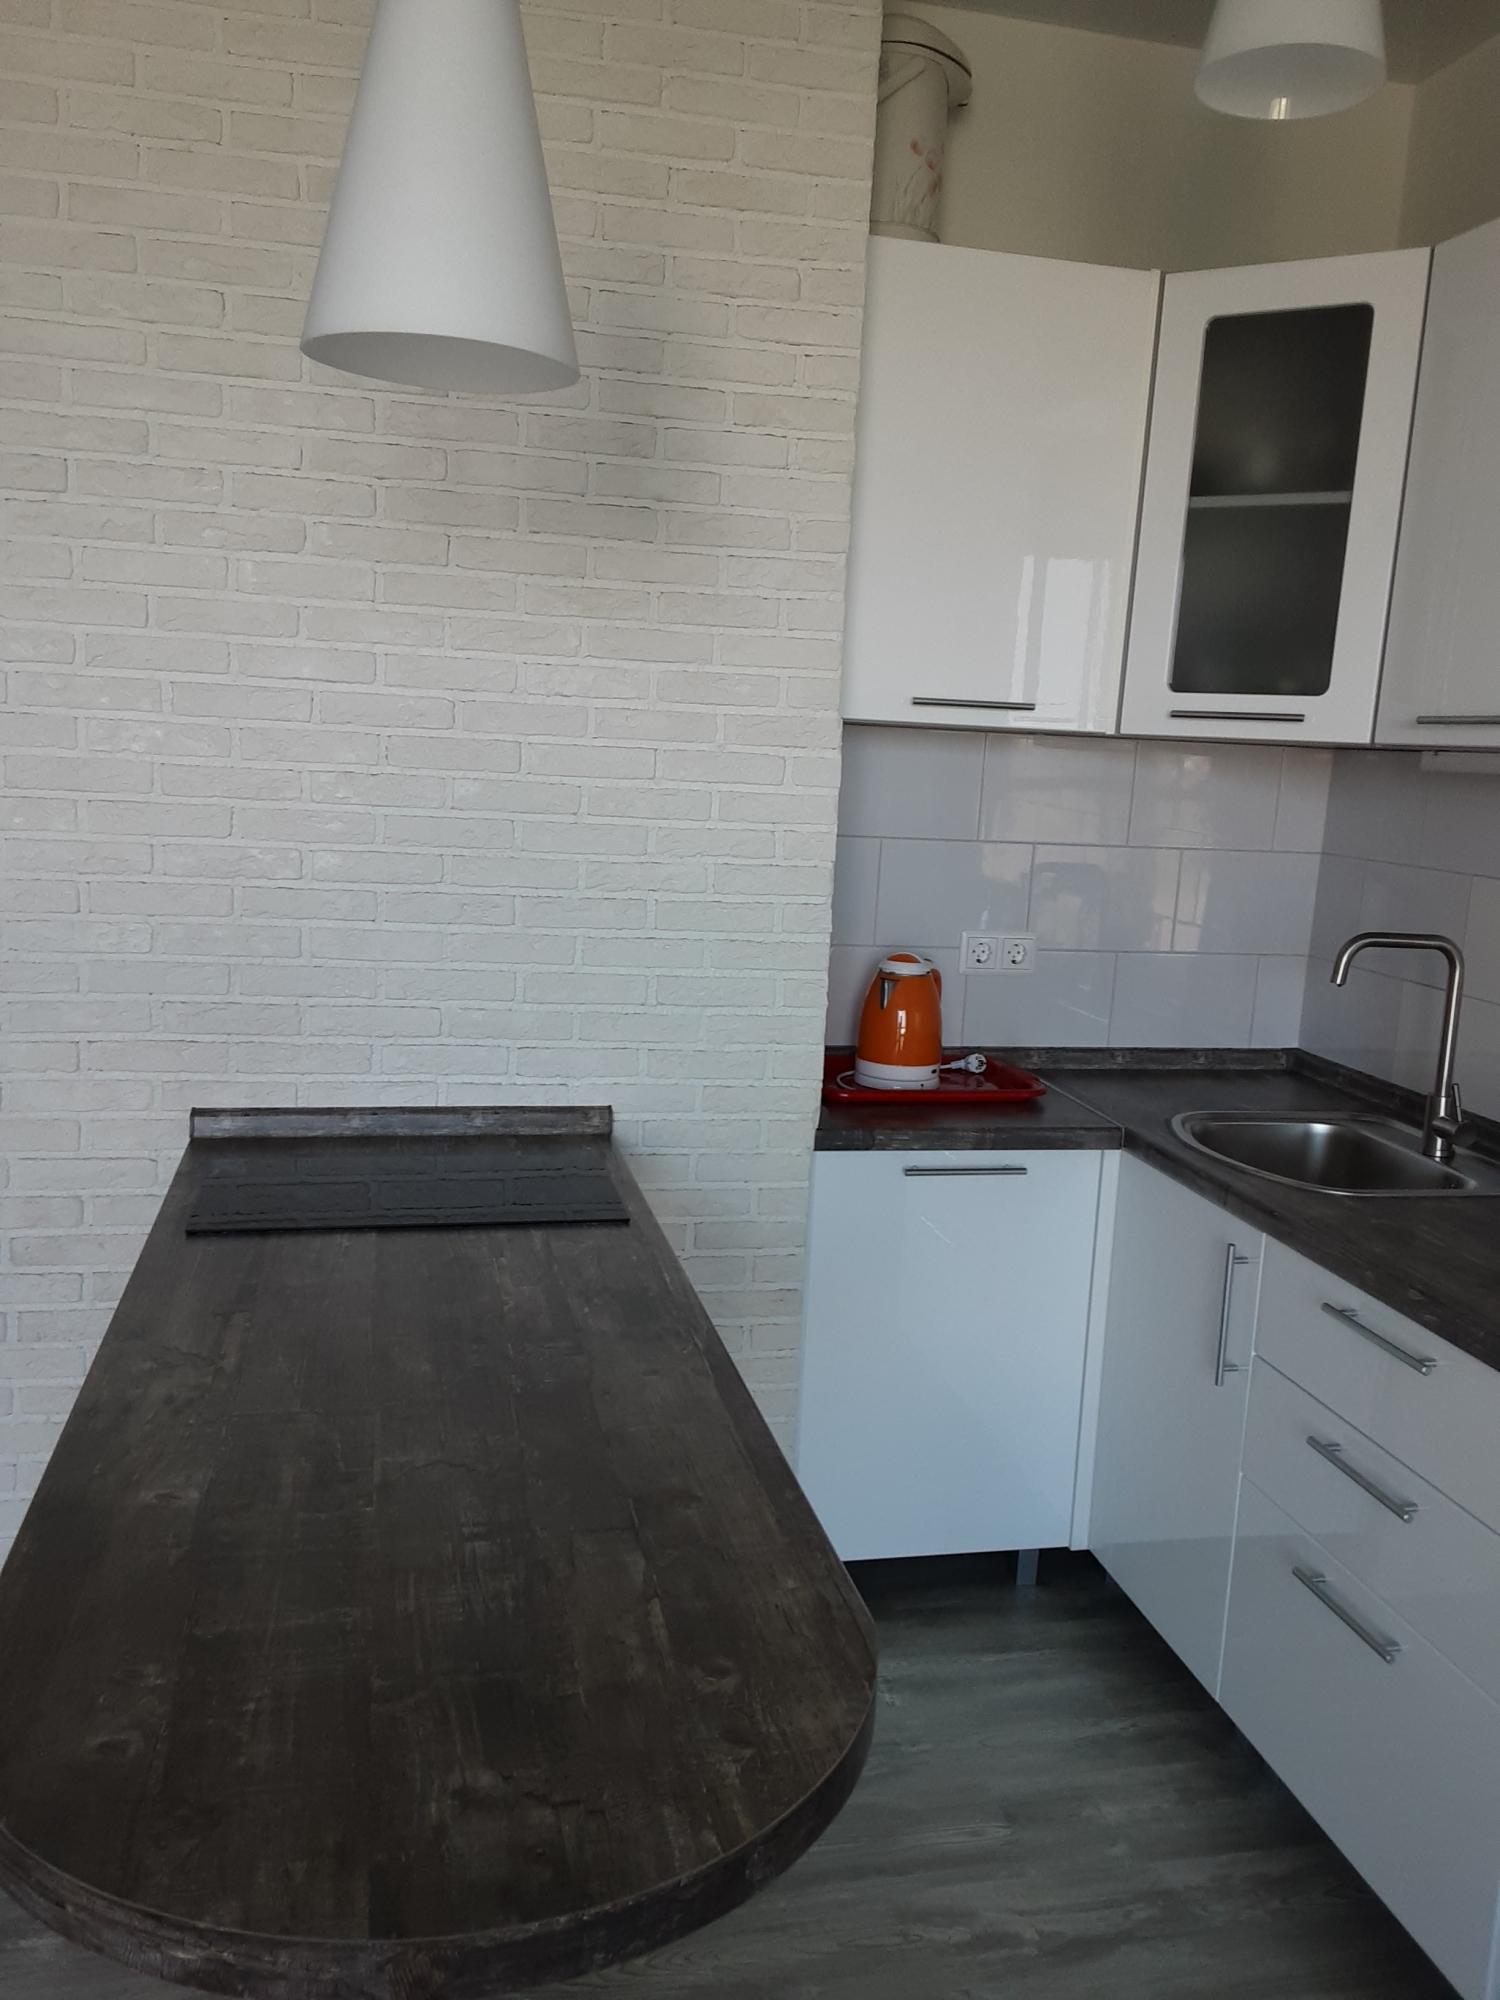 Квартира, студия, 26 м² в Люберцах 89773577037 купить 5